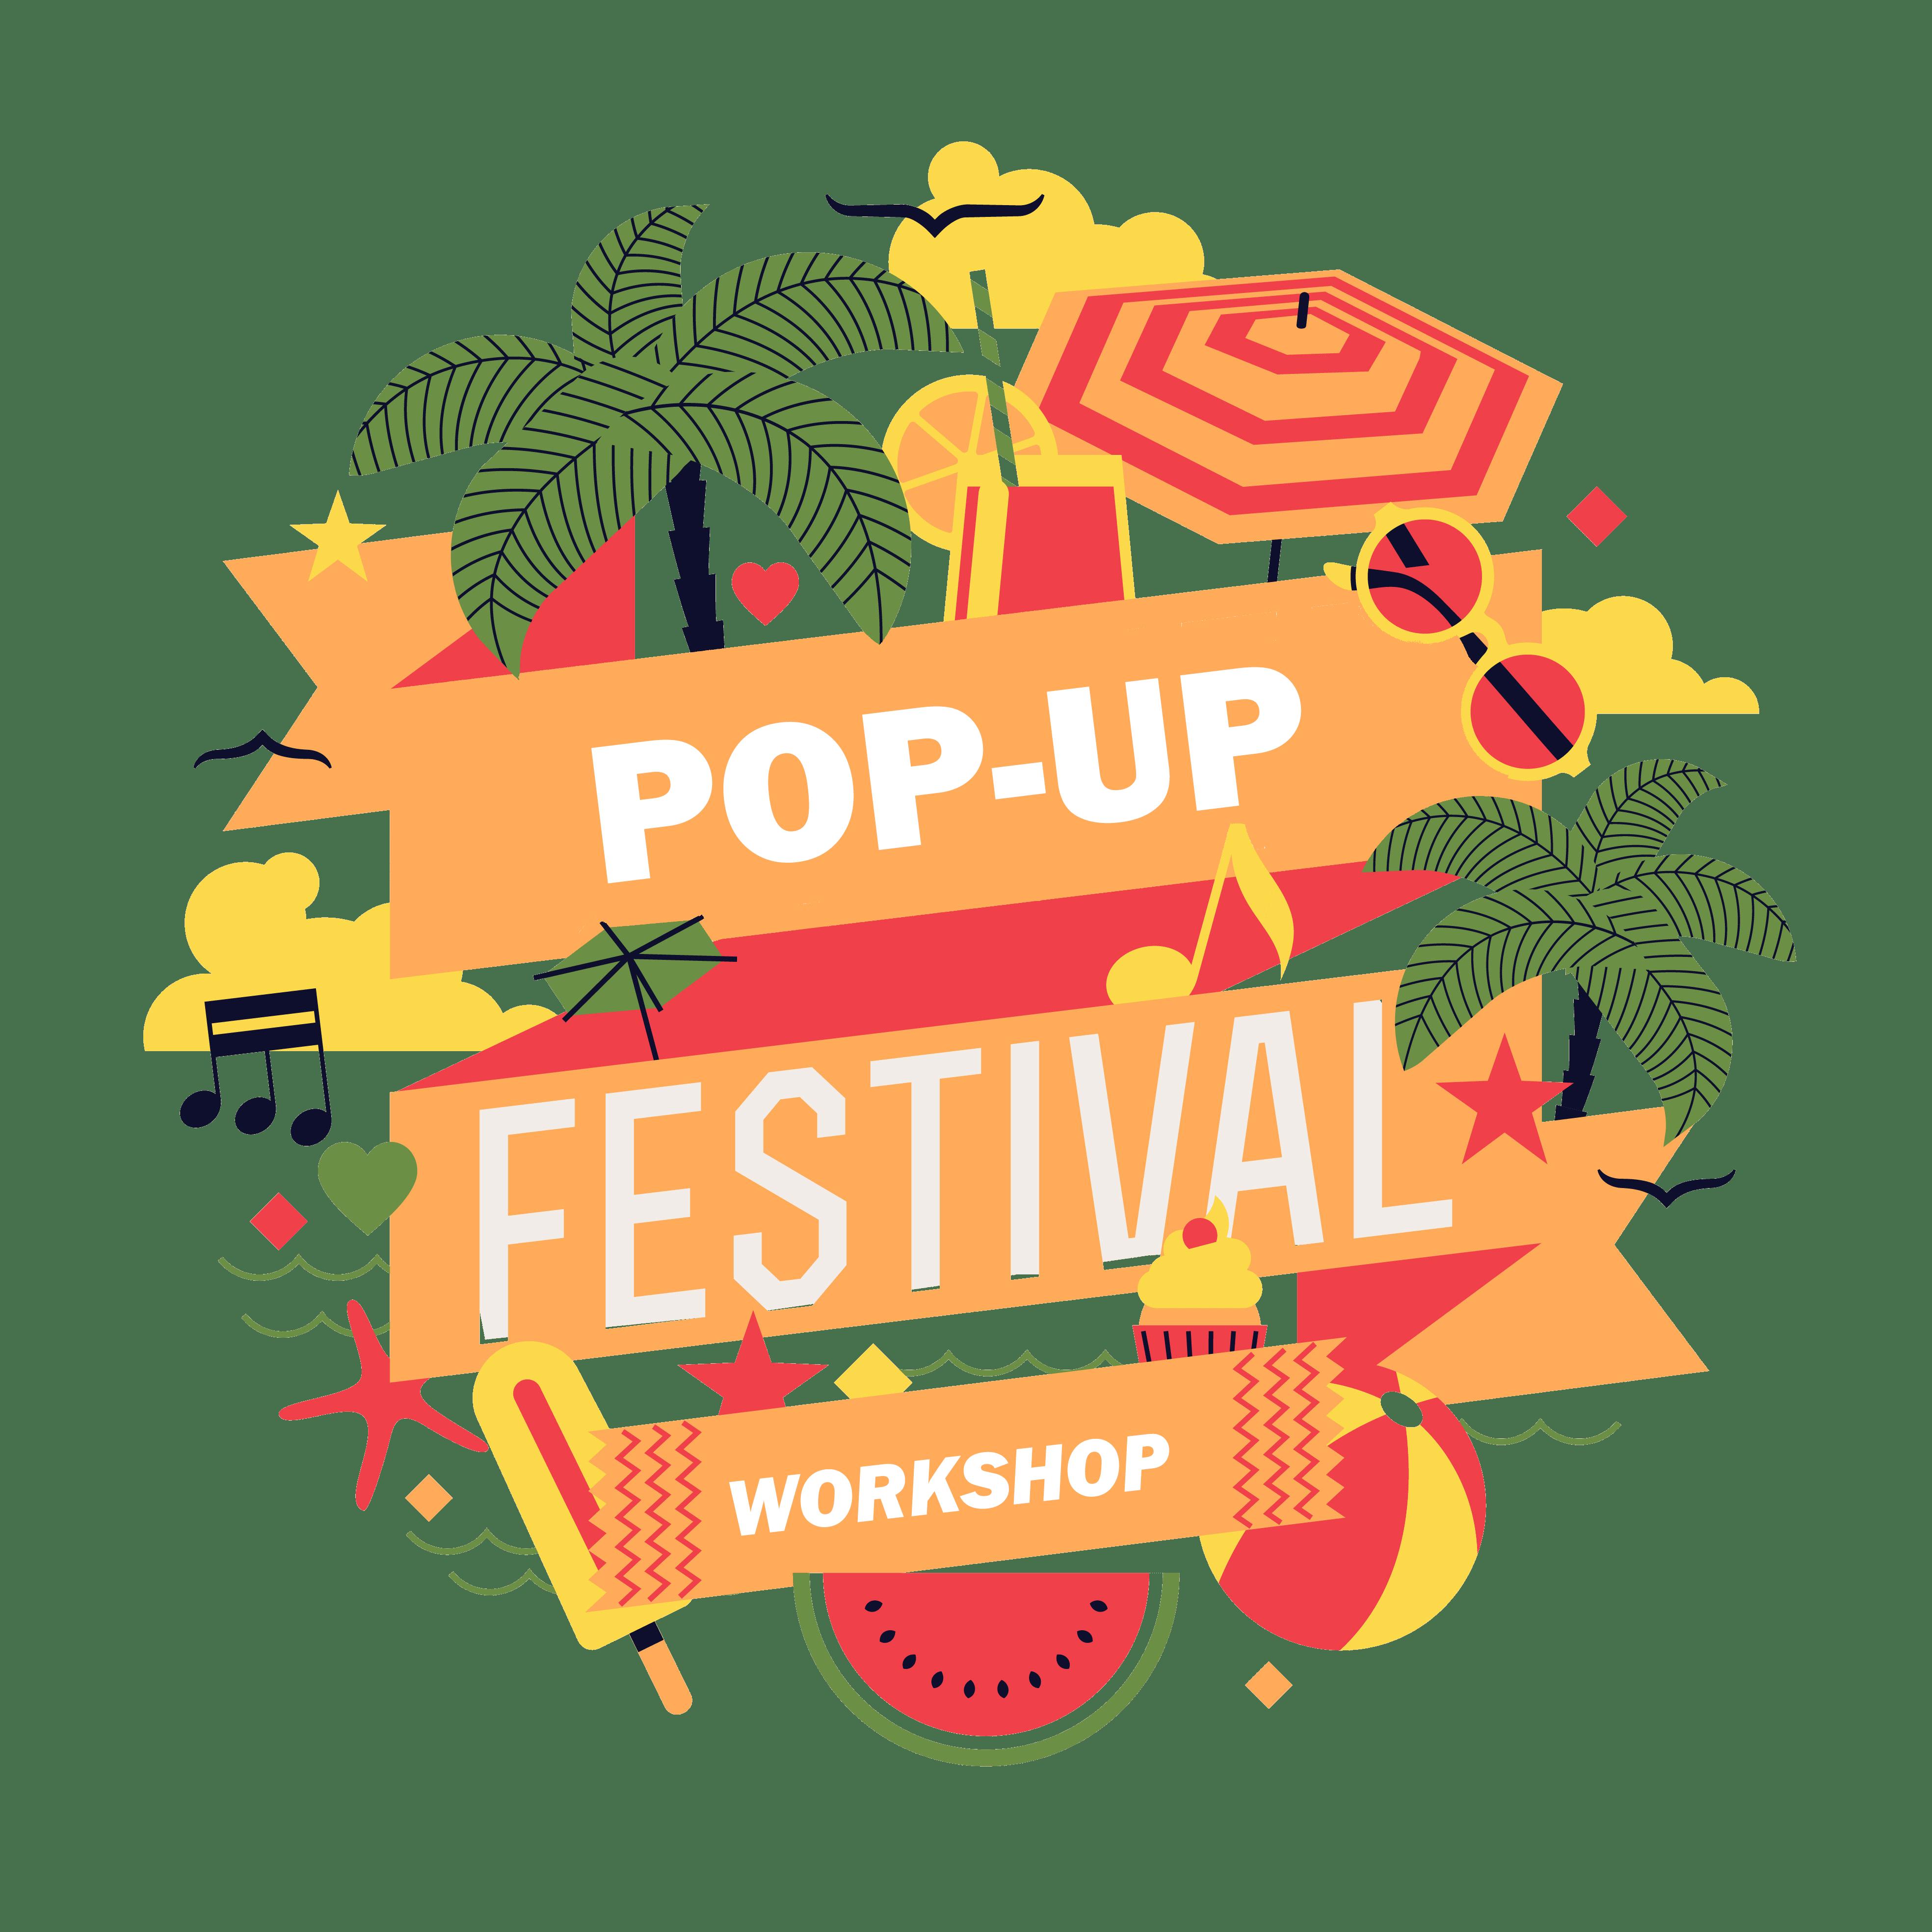 Pop-Up festival workshop